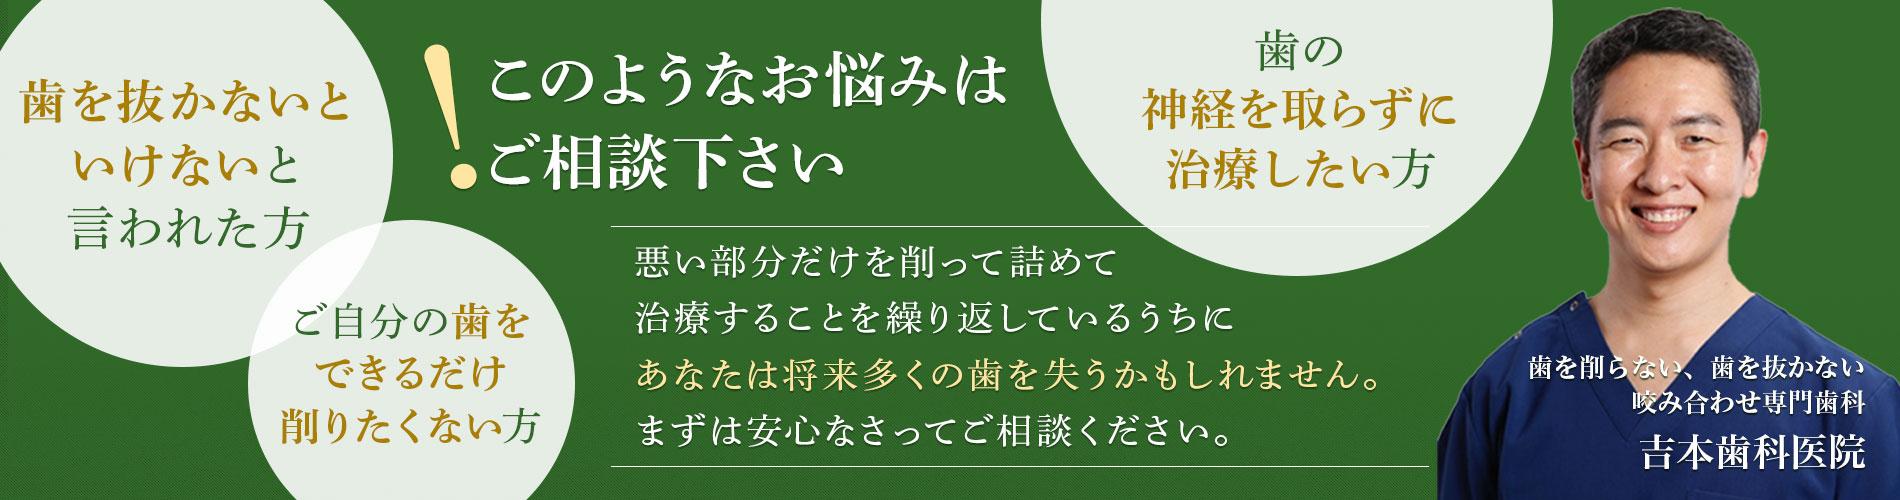 愛媛県,新居浜市,四国中央市,歯を抜きたくない,歯の神経治|療香川県の吉本歯科医院